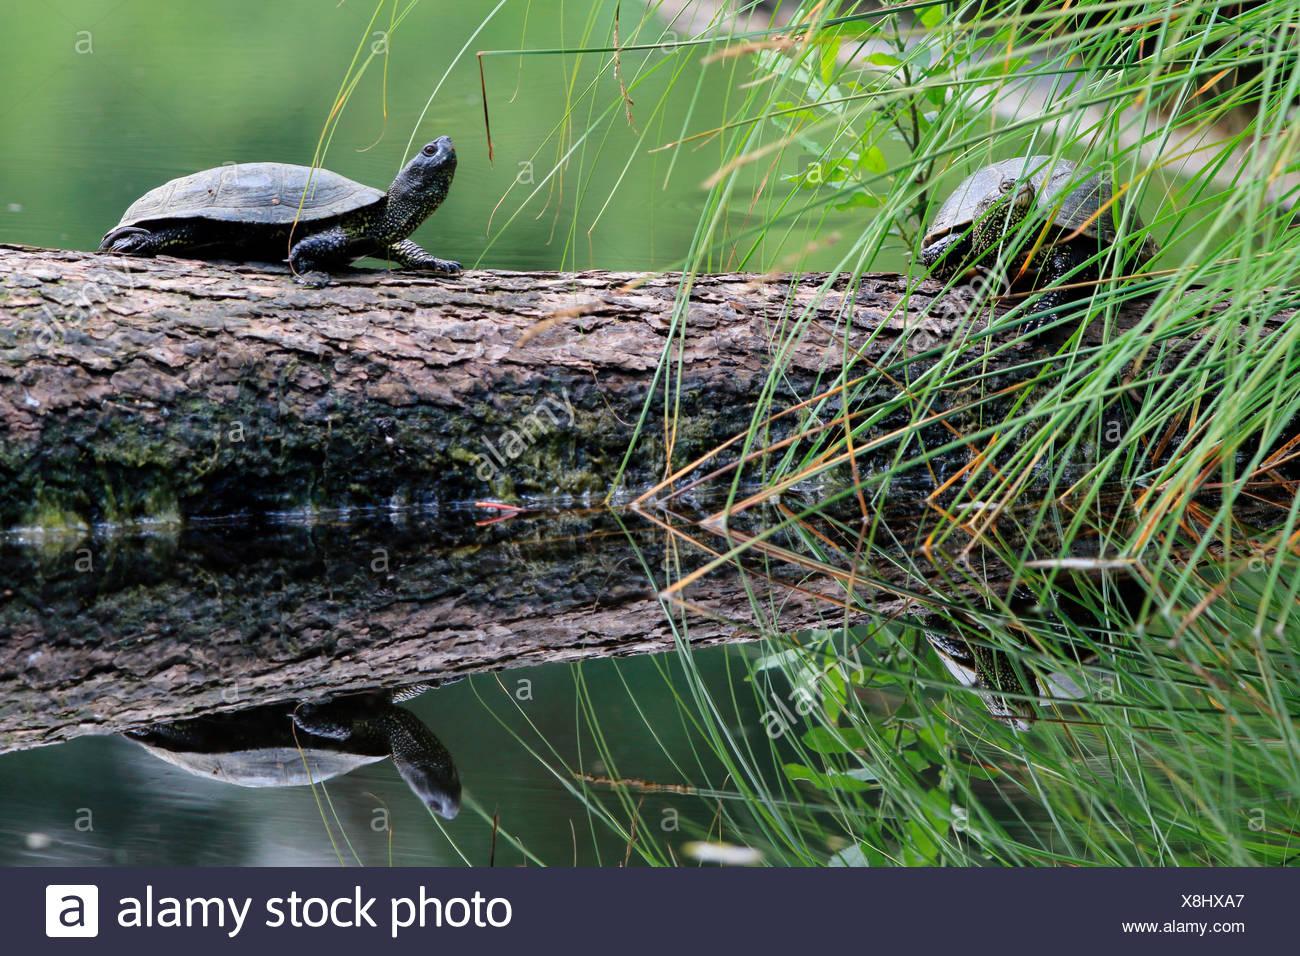 Sumpfschildkroete Europaeische, Emys orbicularis, Pfrunger-Burgweiler Moorsee, Ried, Bade-Wurtemberg, Allemagne, Europa Photo Stock